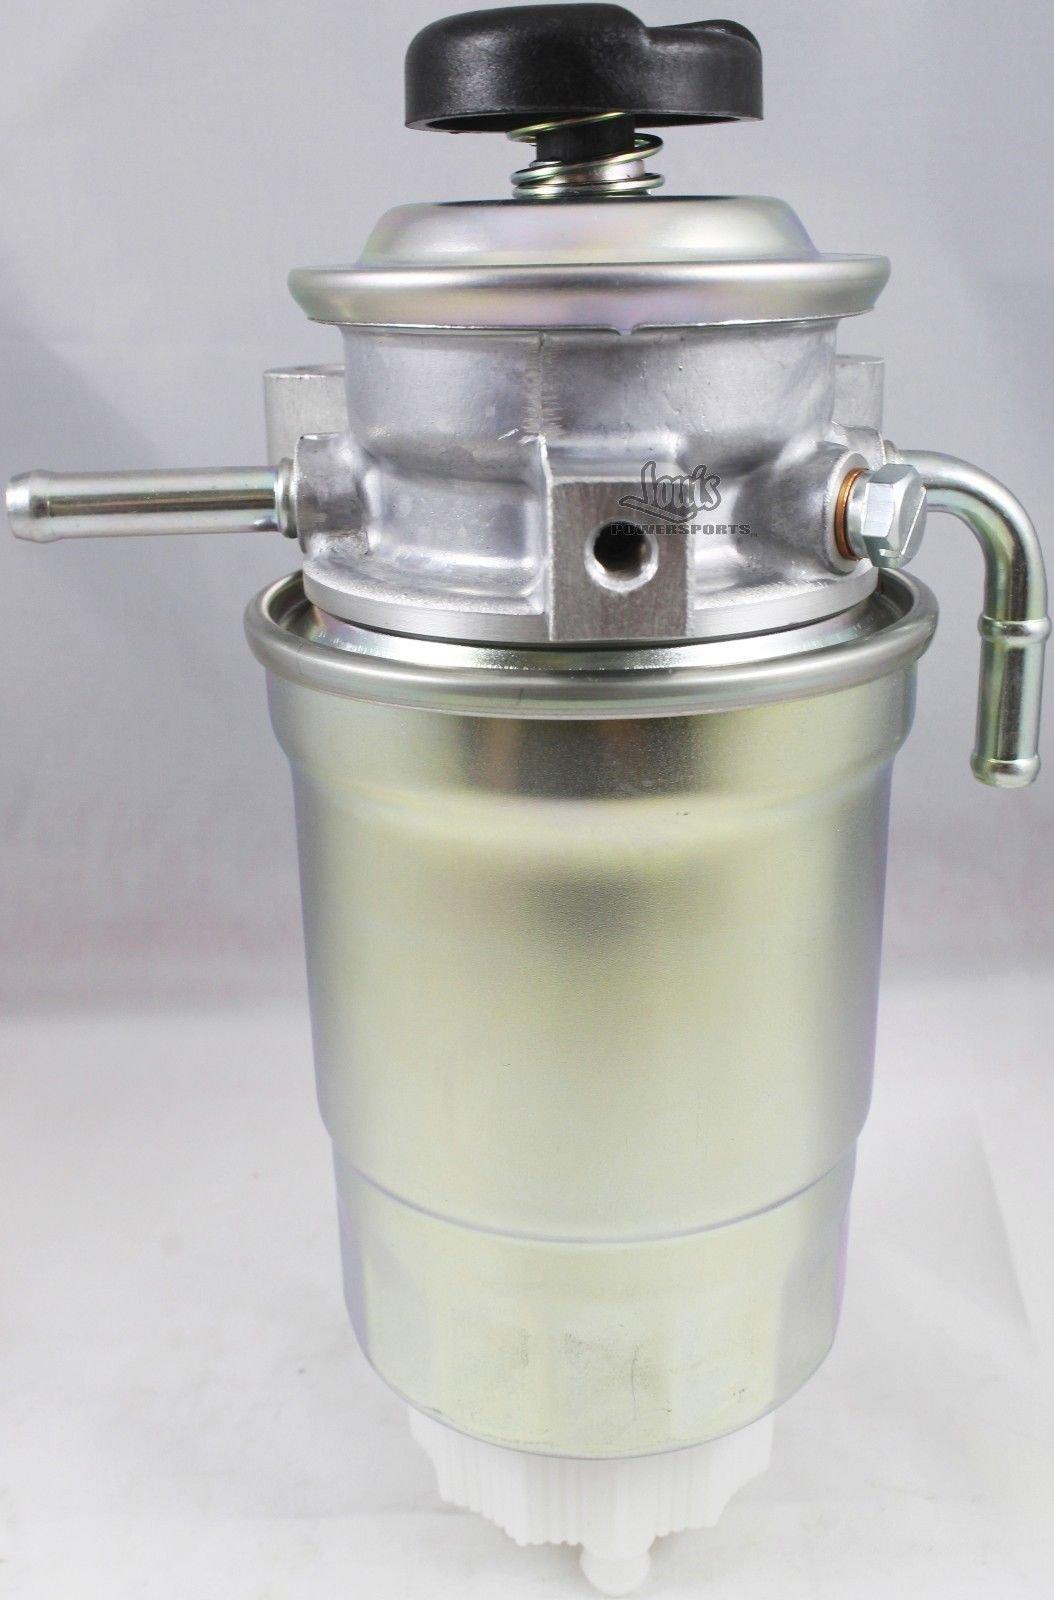 Filter-Fuel - 49019-1094 by Kawasaki